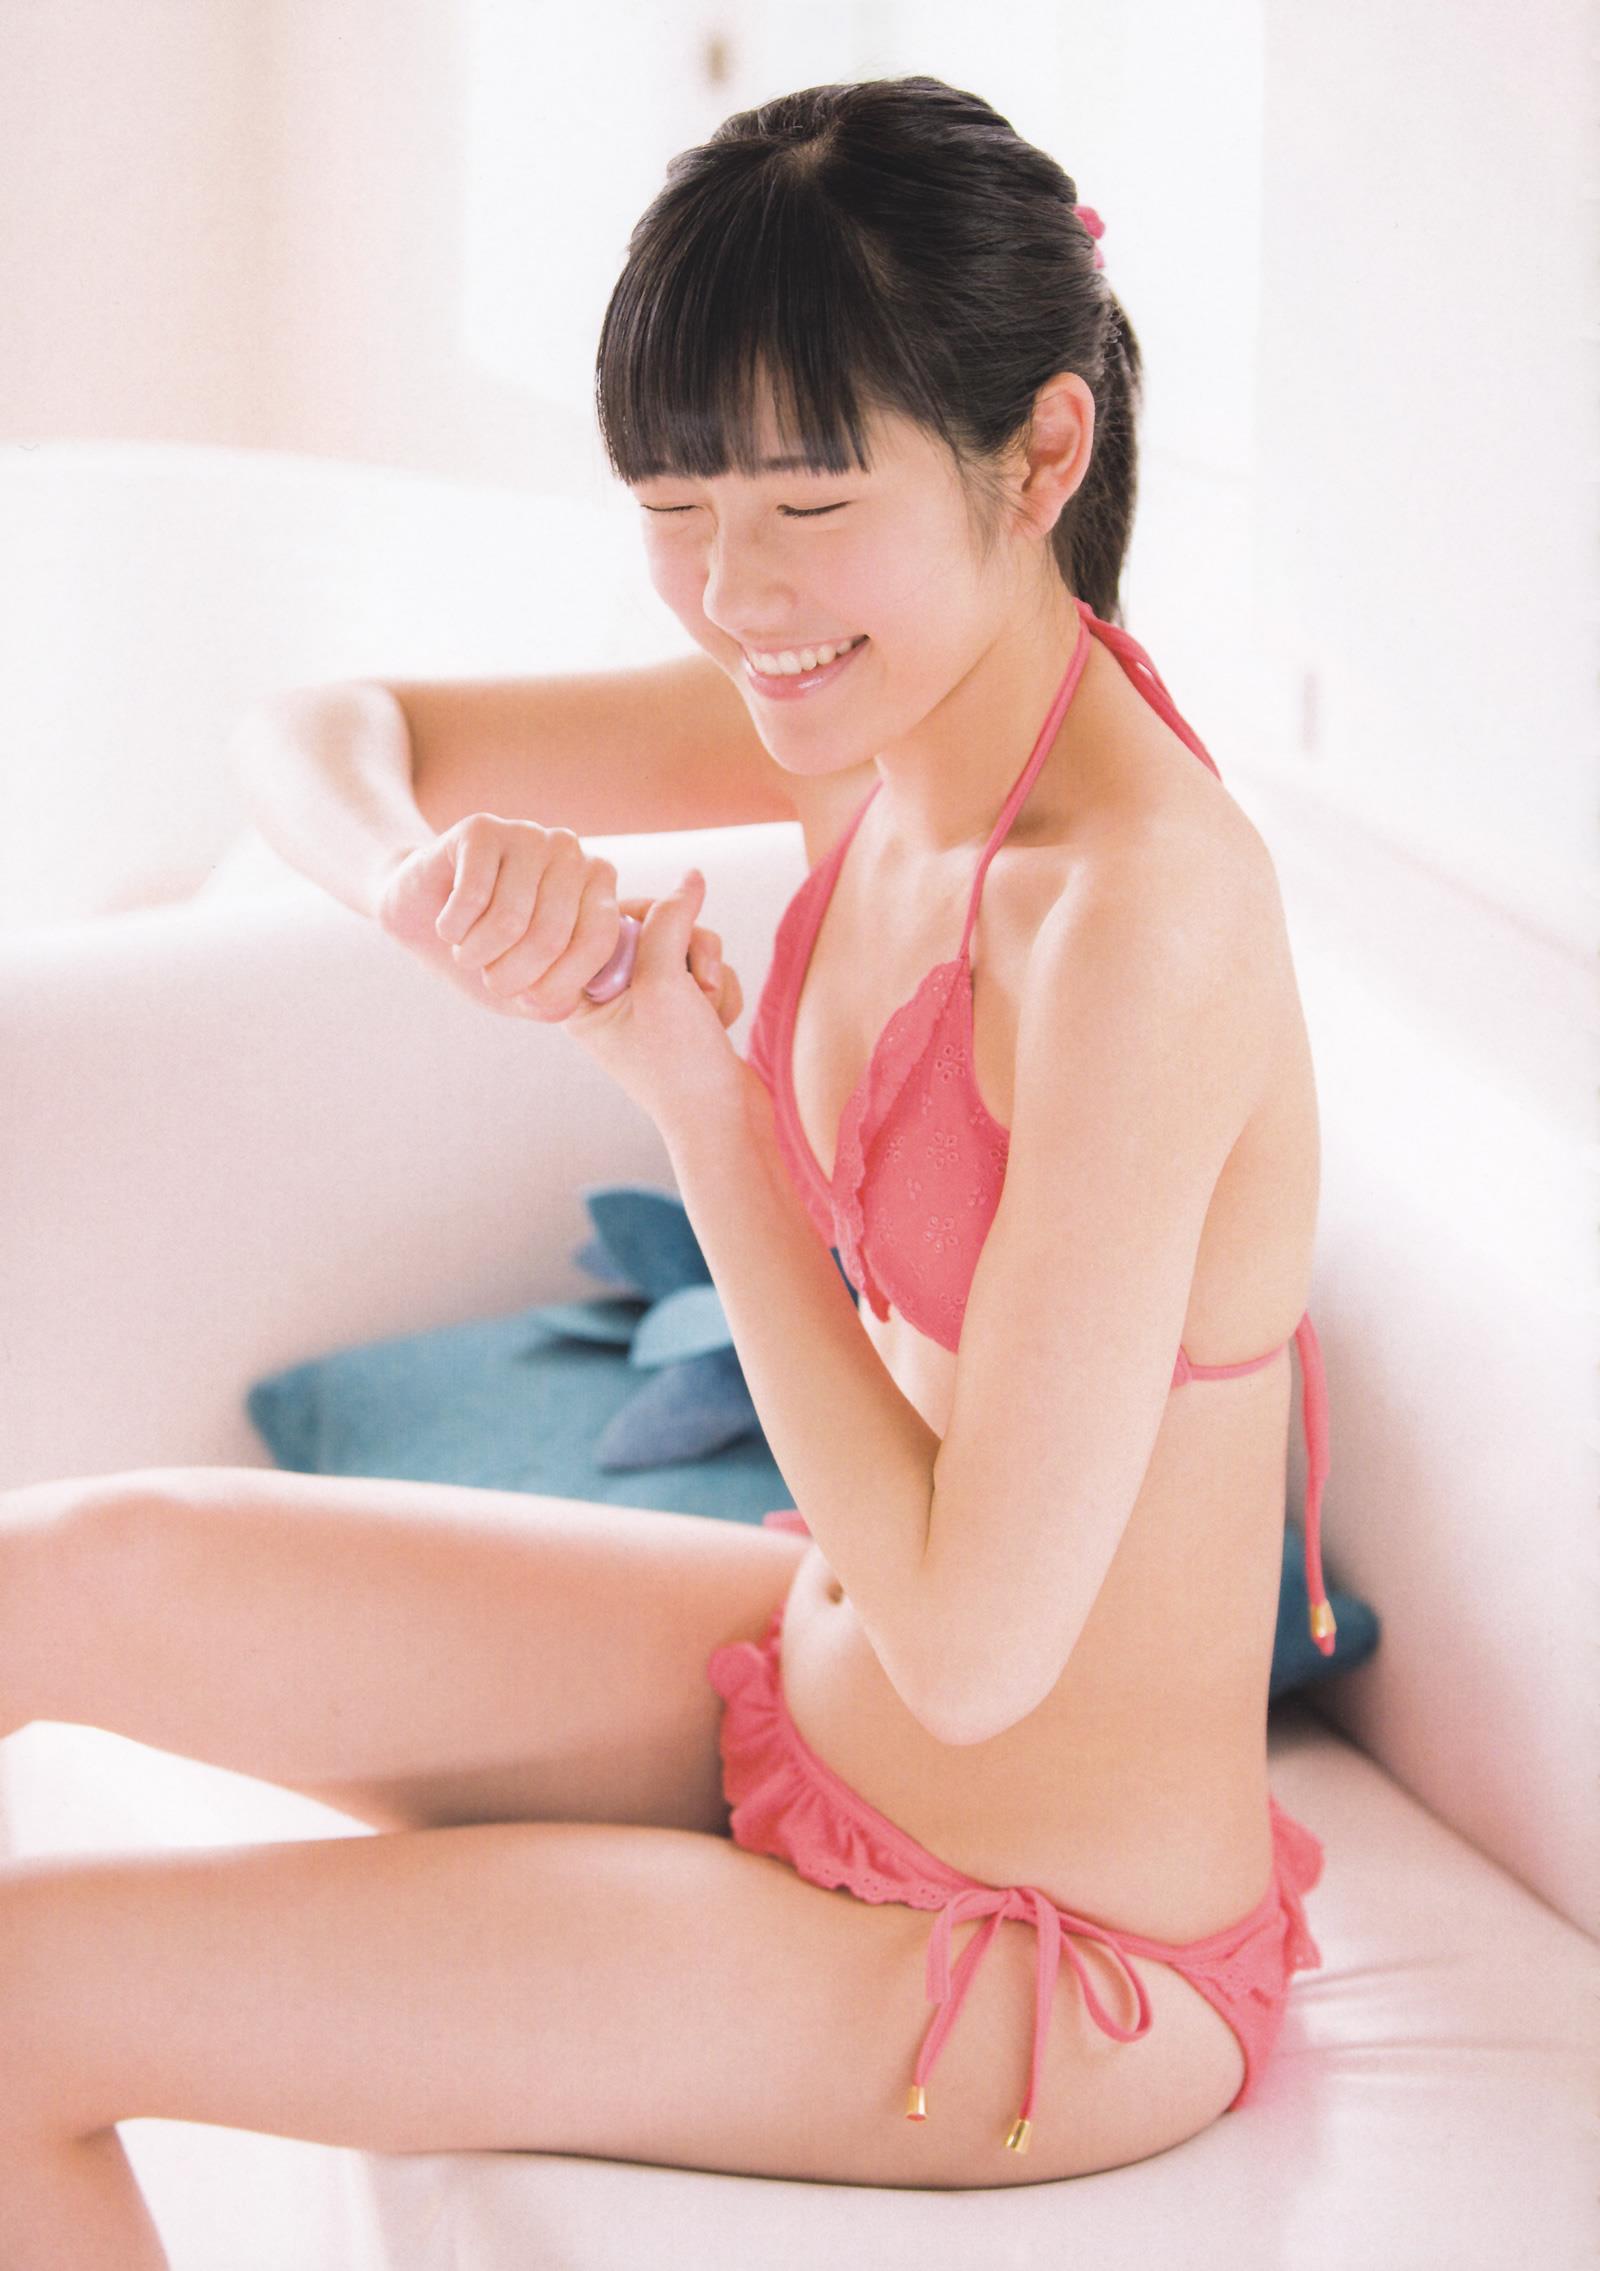 渡辺麻友 写真集「まゆゆ」 画像 53